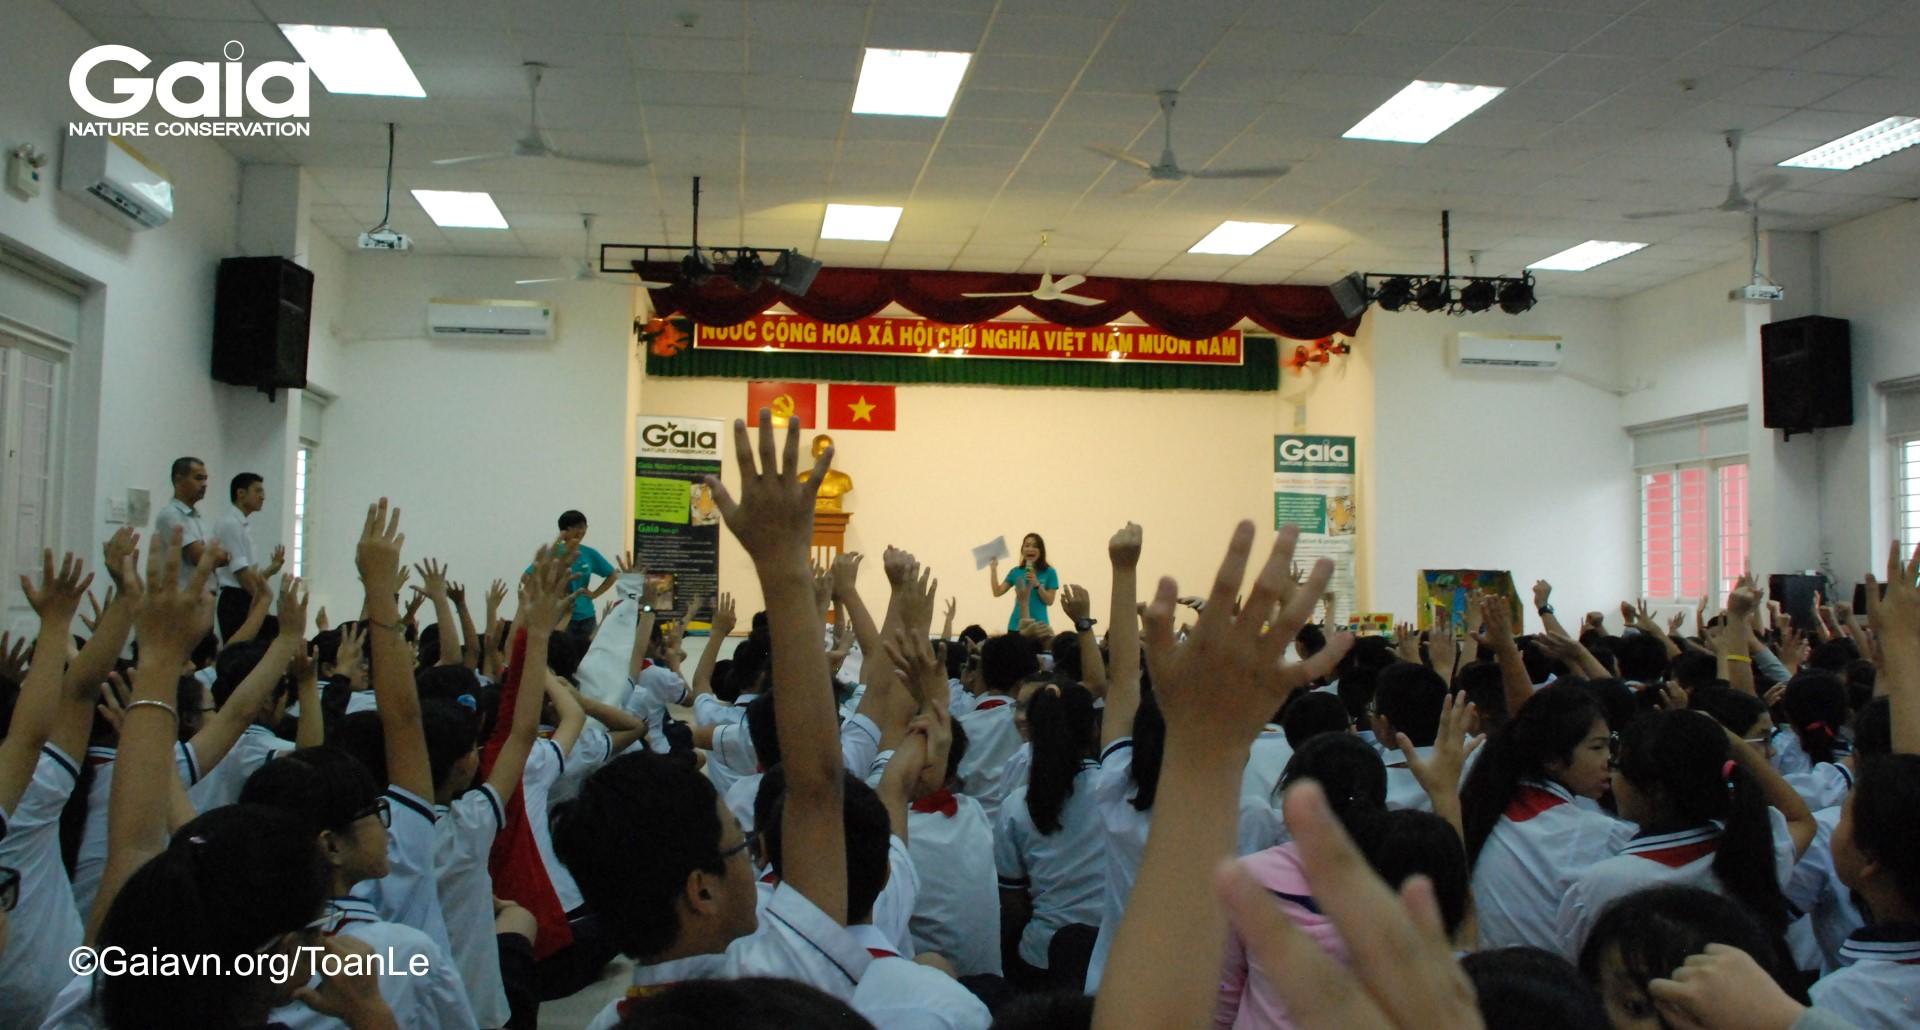 Bà Lê Thị Kim Ngân – Điều phối Giáo dục truyền thông, Trung tâm Bảo tồn Thiên nhiên Gaia nói chuyện về động vật hoang dã ở Việt Nam